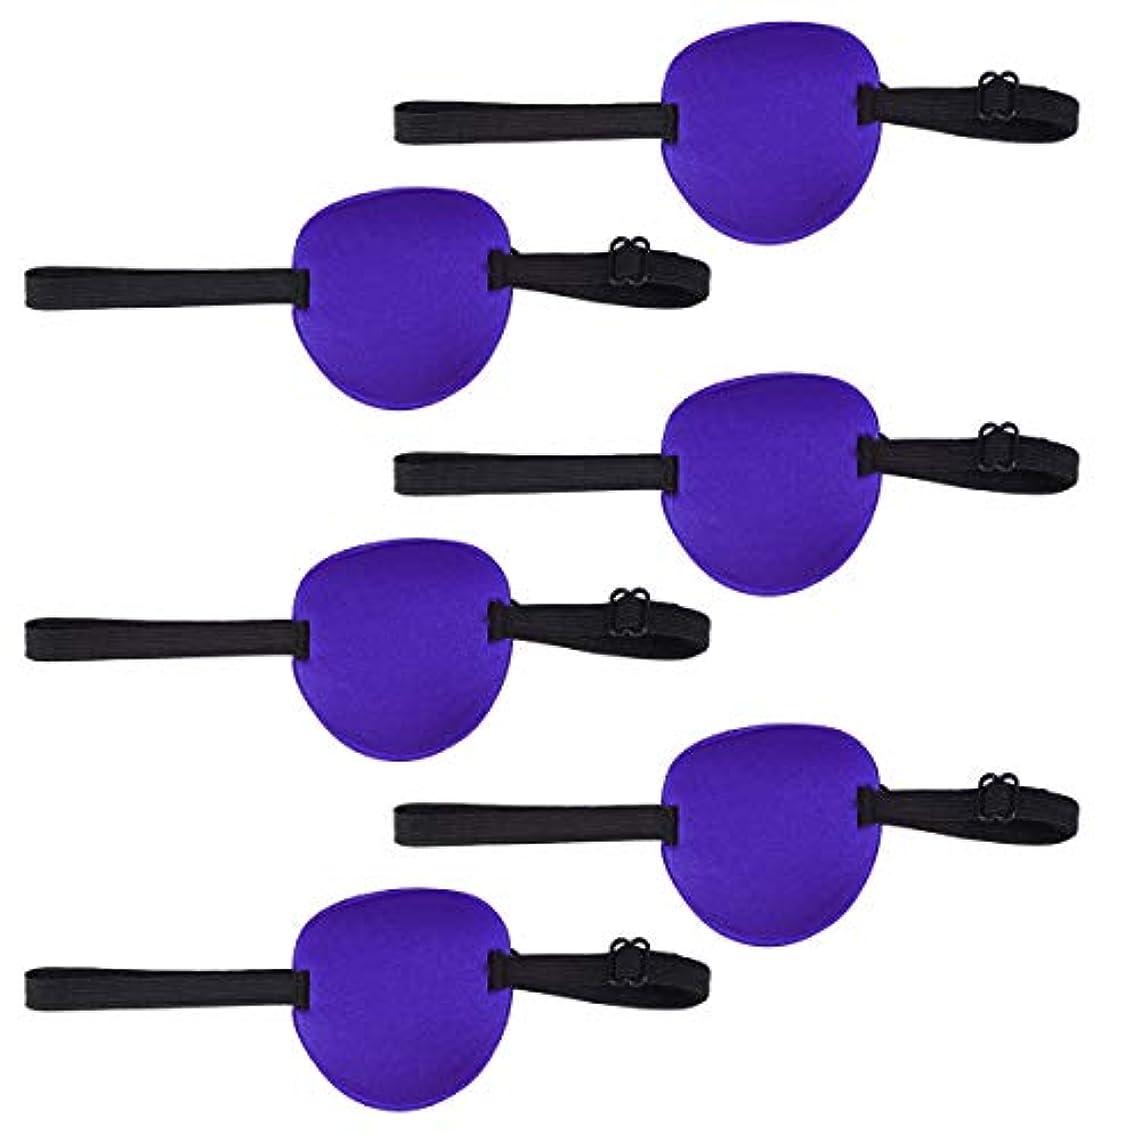 トラップフィード北東Healifty 調節可能な弾性バックル付きアイパッチ弱視スポンジアイパッチ6個(青)